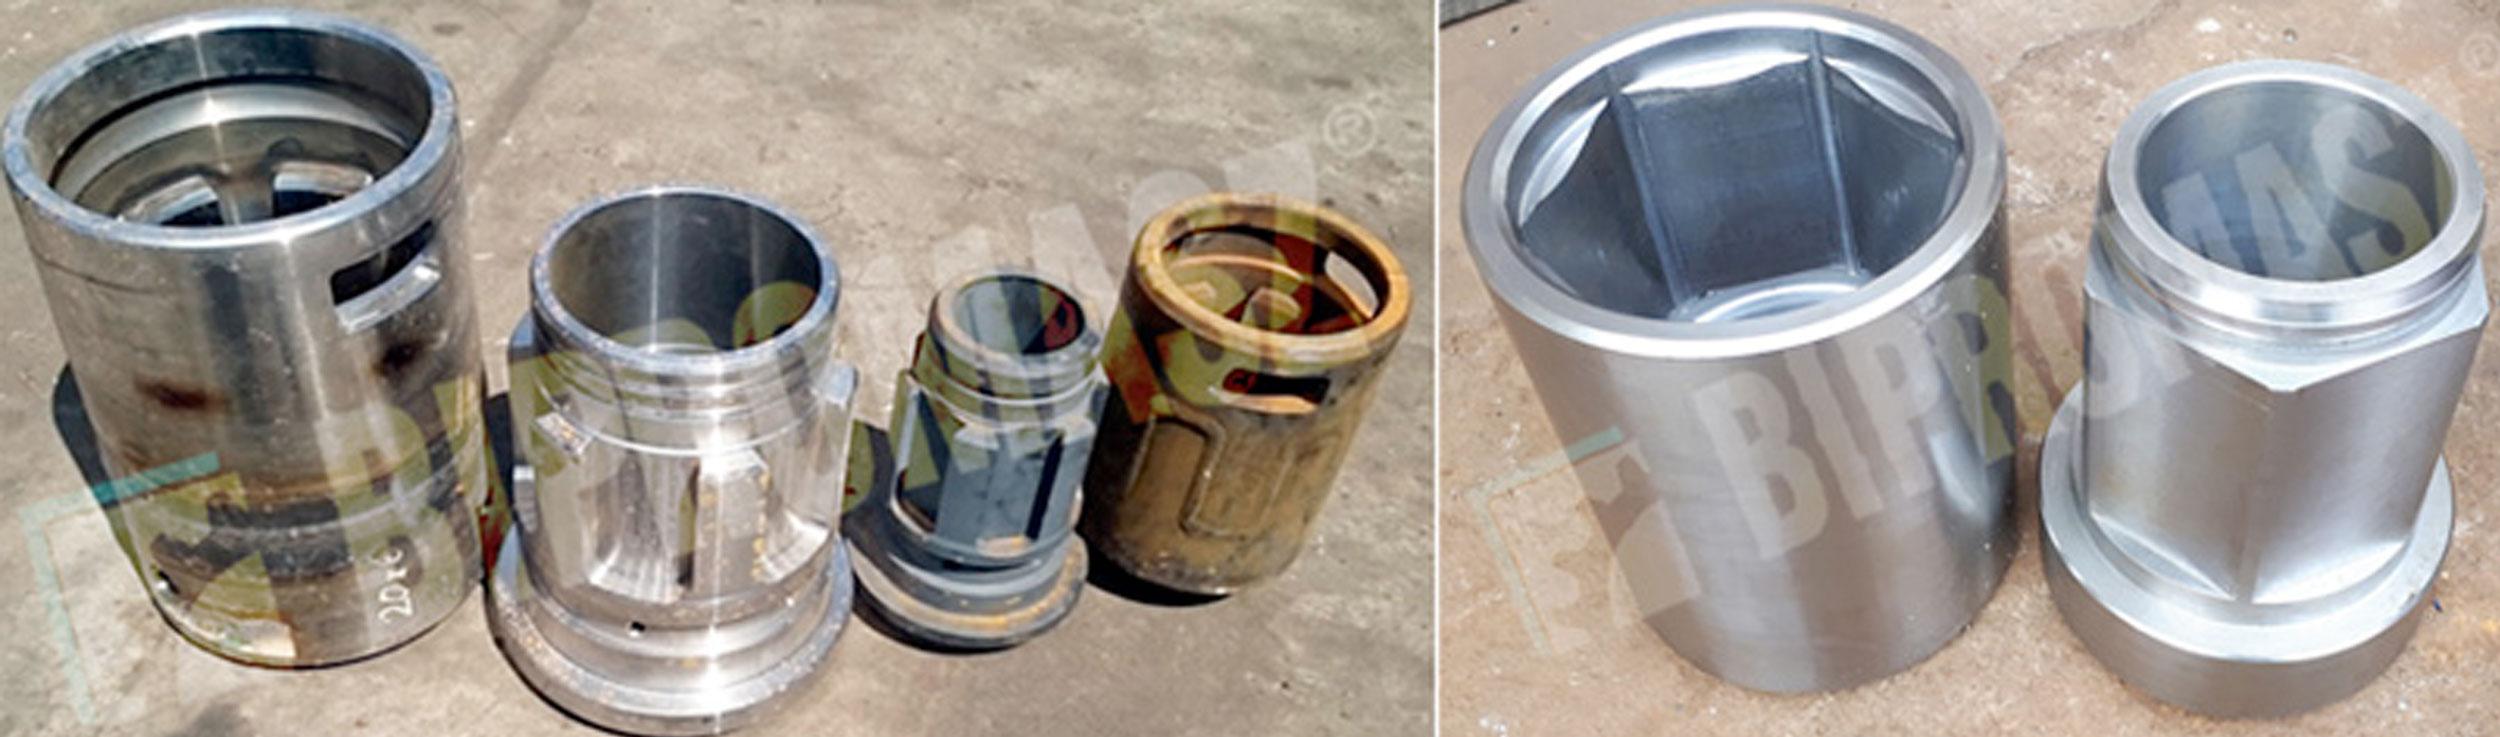 Złącza, czopy i mufy do narzędzi wiertniczych i palownic produkcji firmy Bipromasz